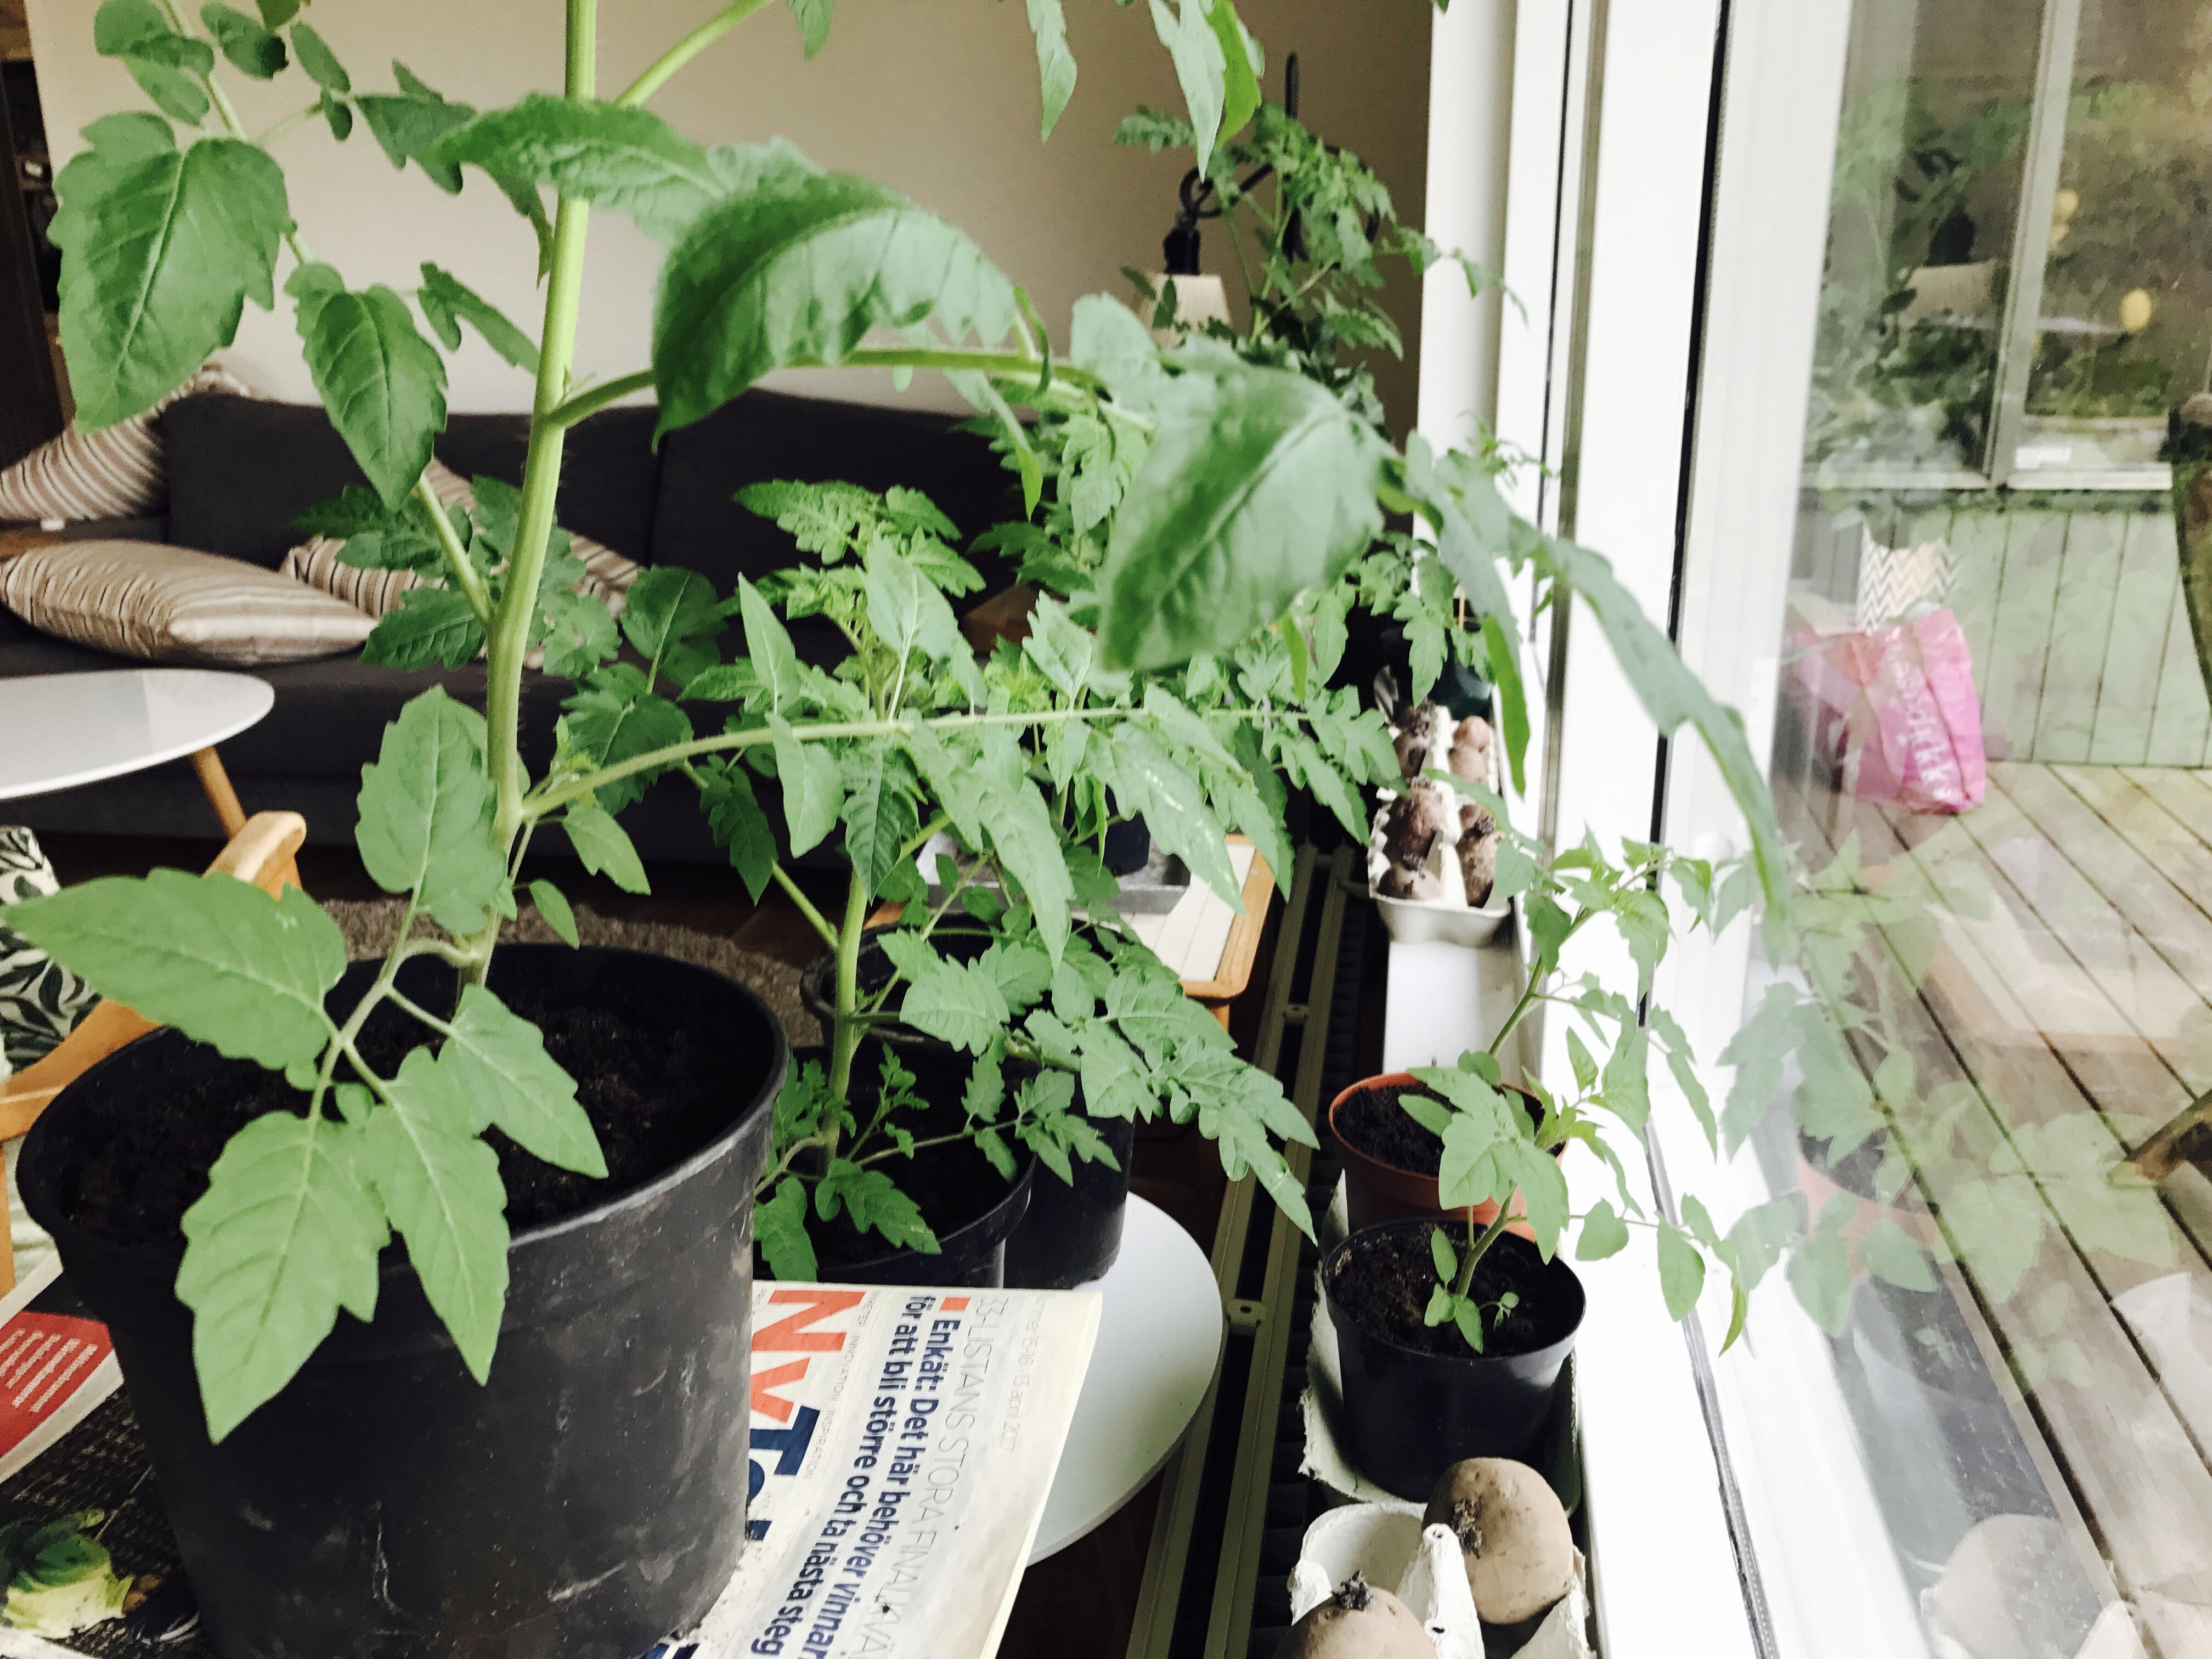 Tomatplantor och potatis som gror skott.